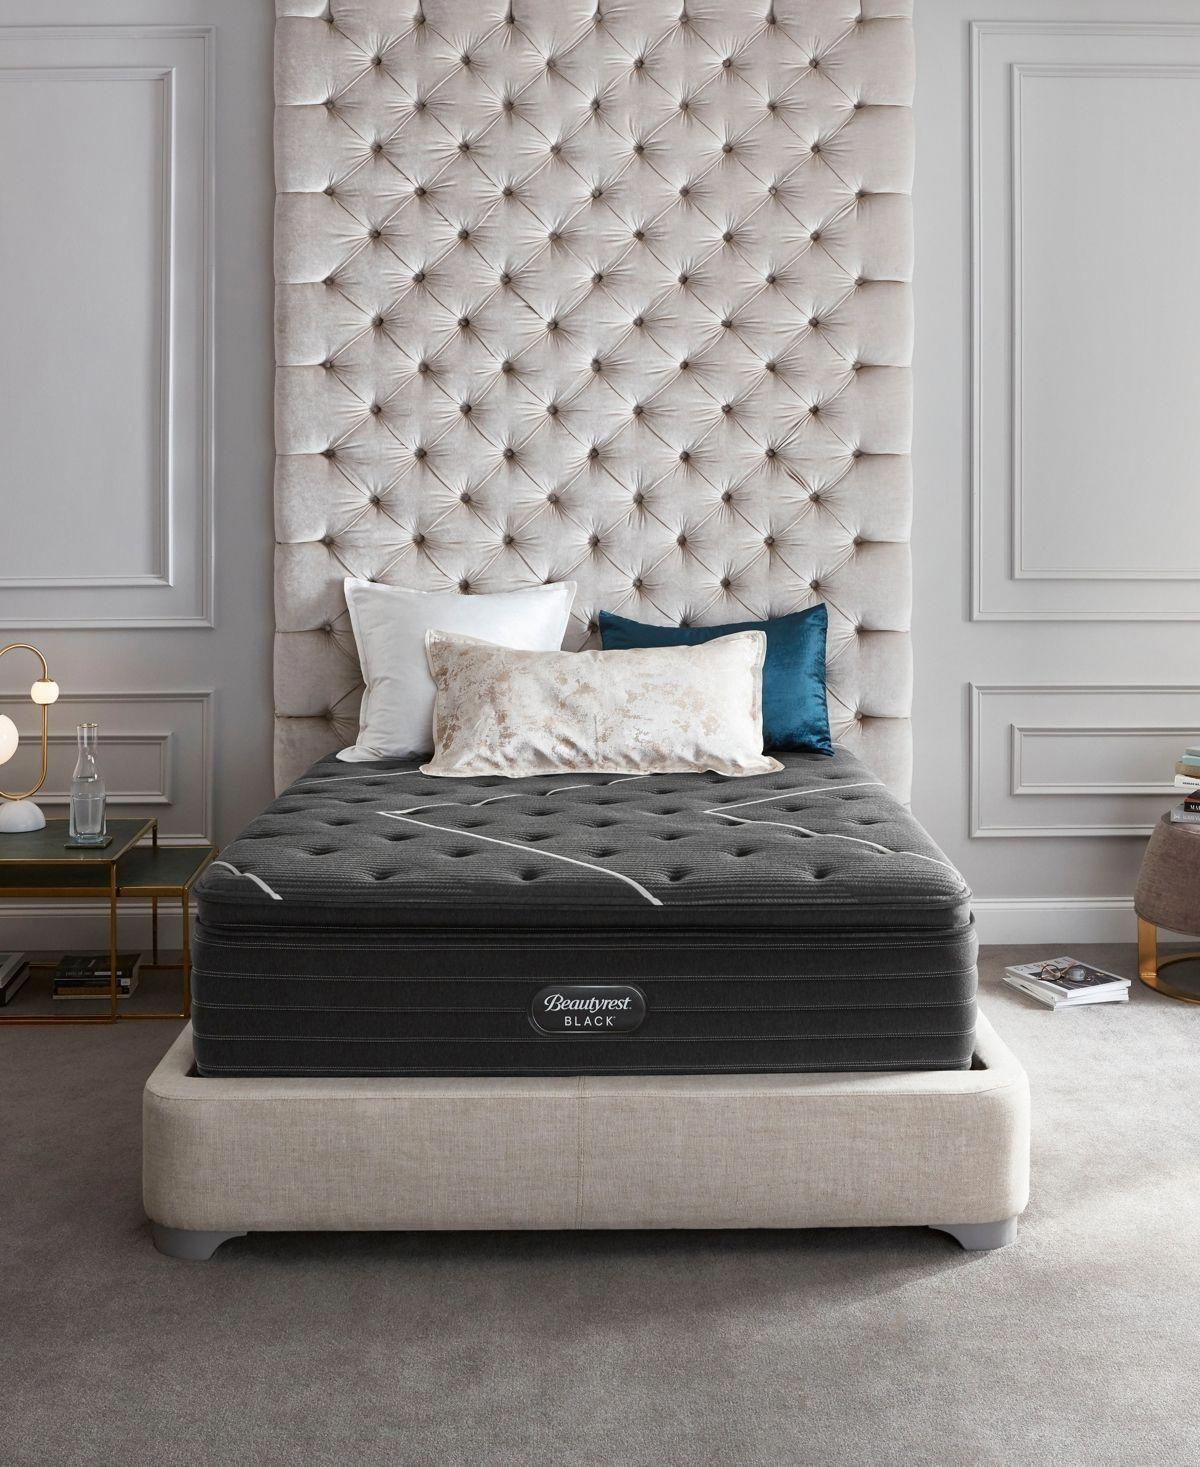 Beautyrest black cclass 16 plush pillow top mattress